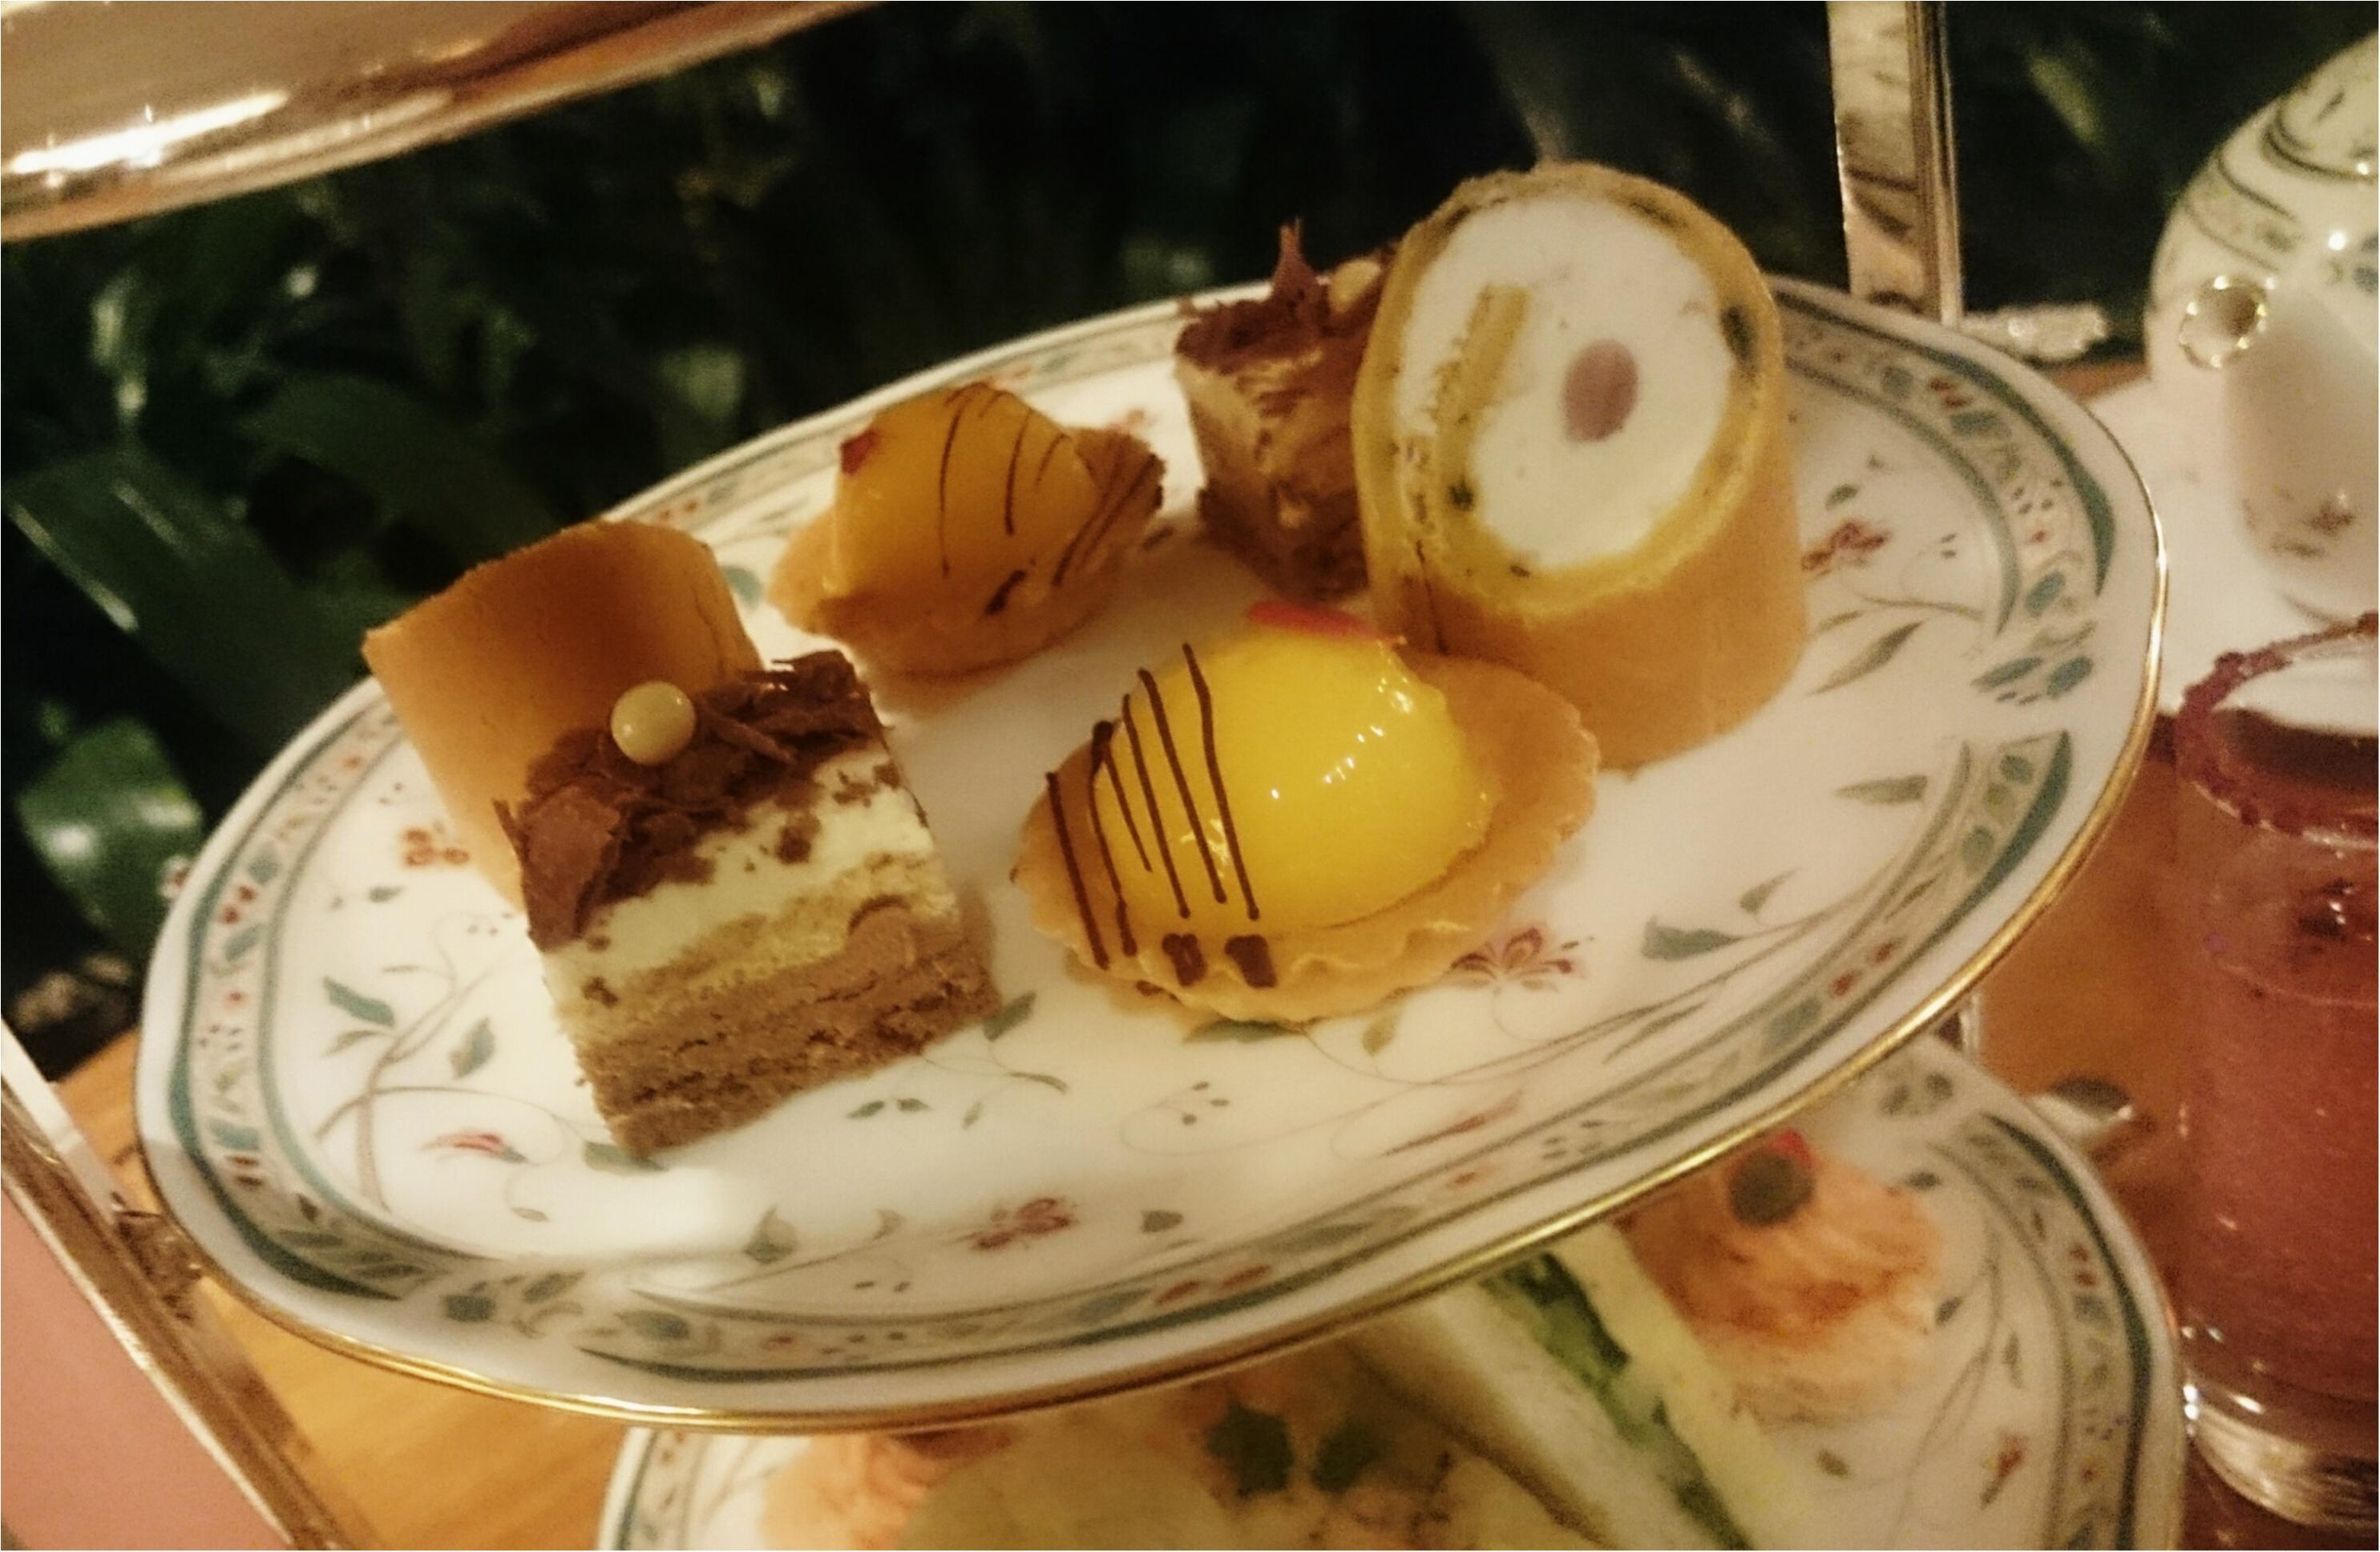 今日からはじまった「ホテル椿山荘東京」の桜イブニングキュートティーへ行ってきました♥_17